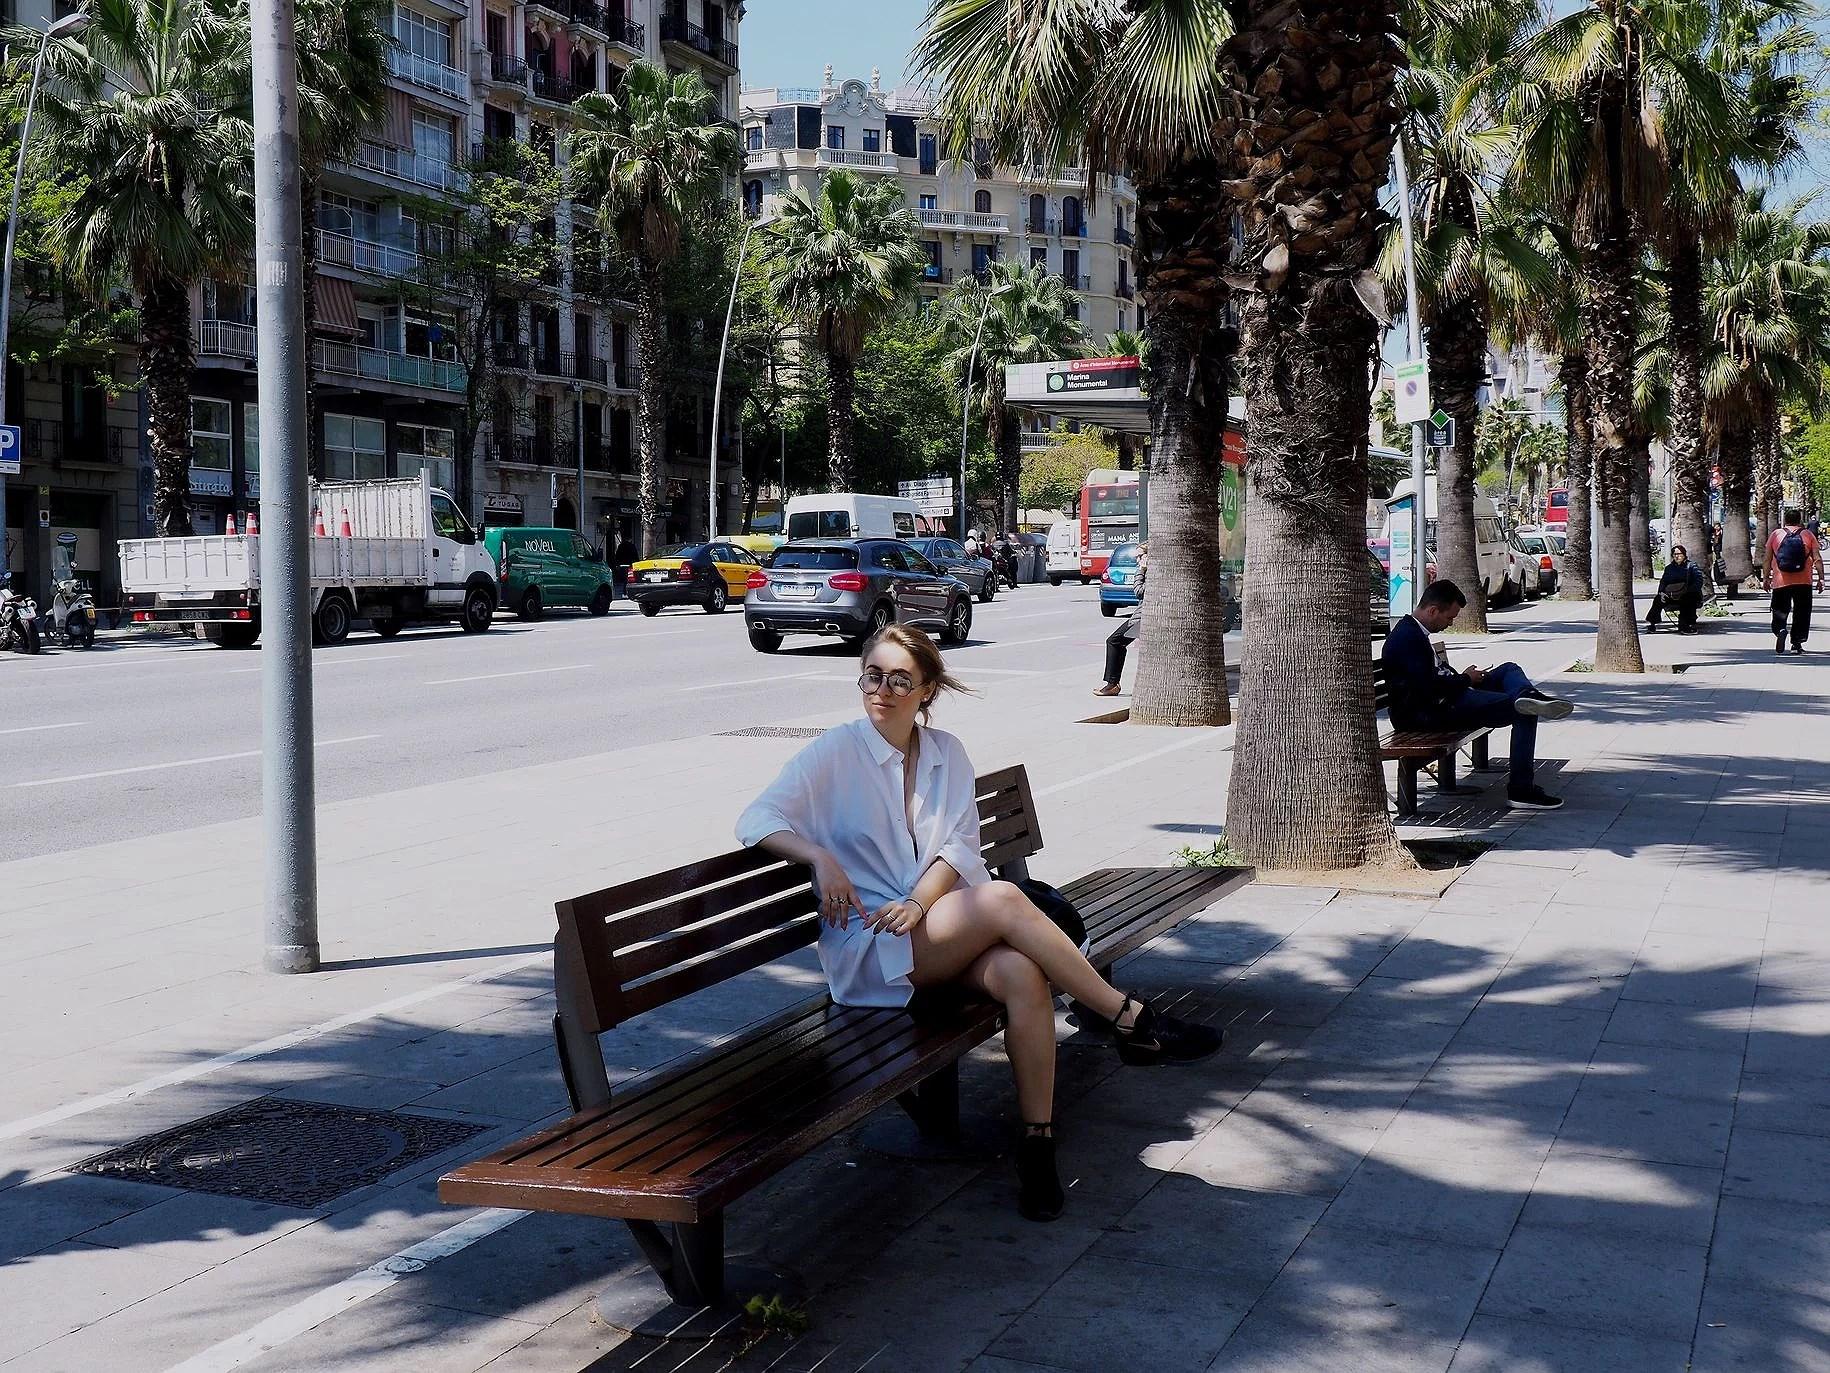 My Barcelona Travel Diary